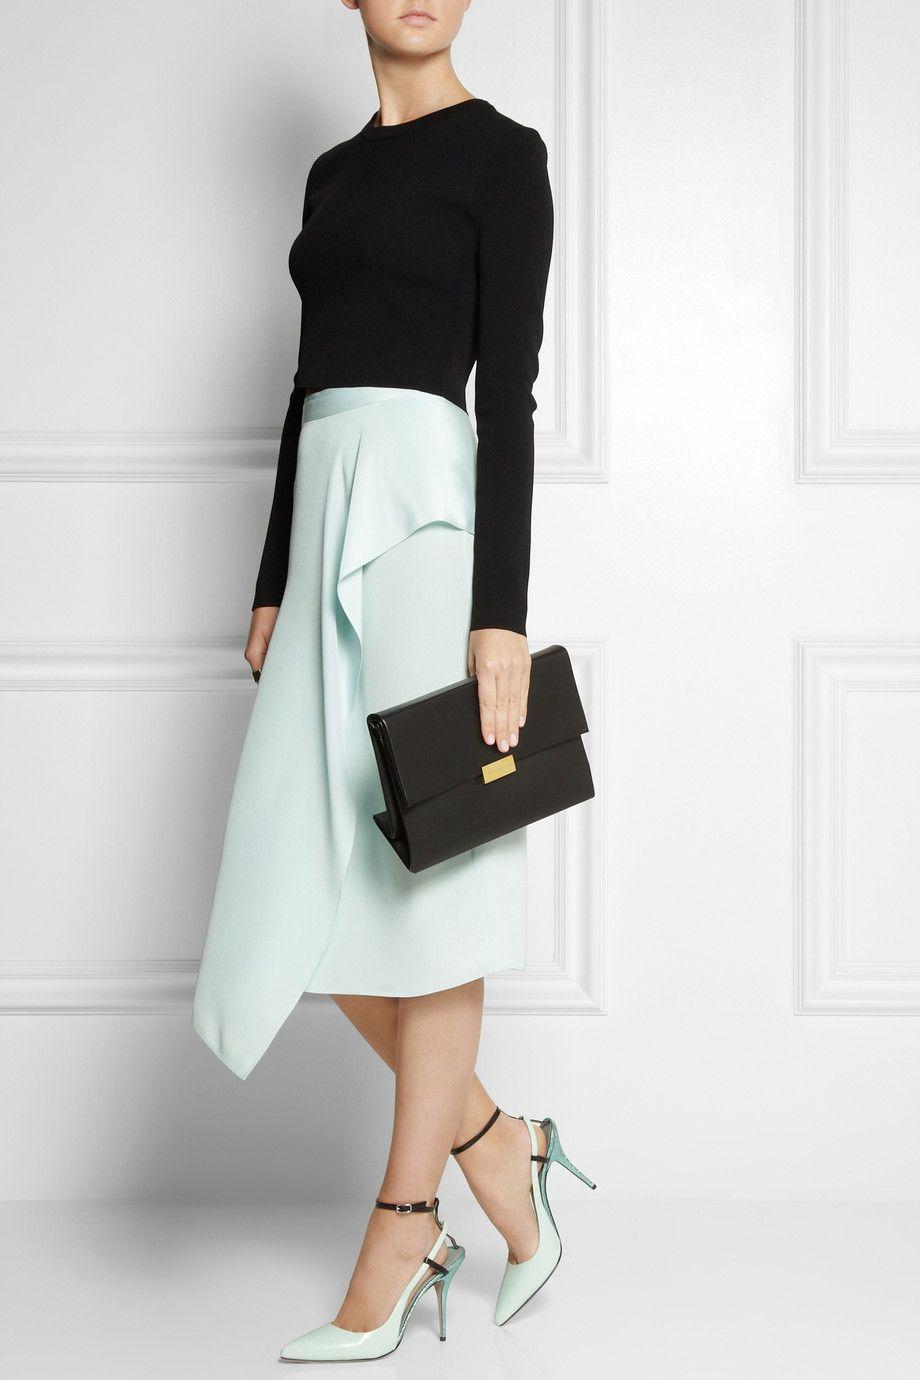 Vionnet   Wrap-front silk skirt, Stella McCartney bag, and Alexander Wang shoes